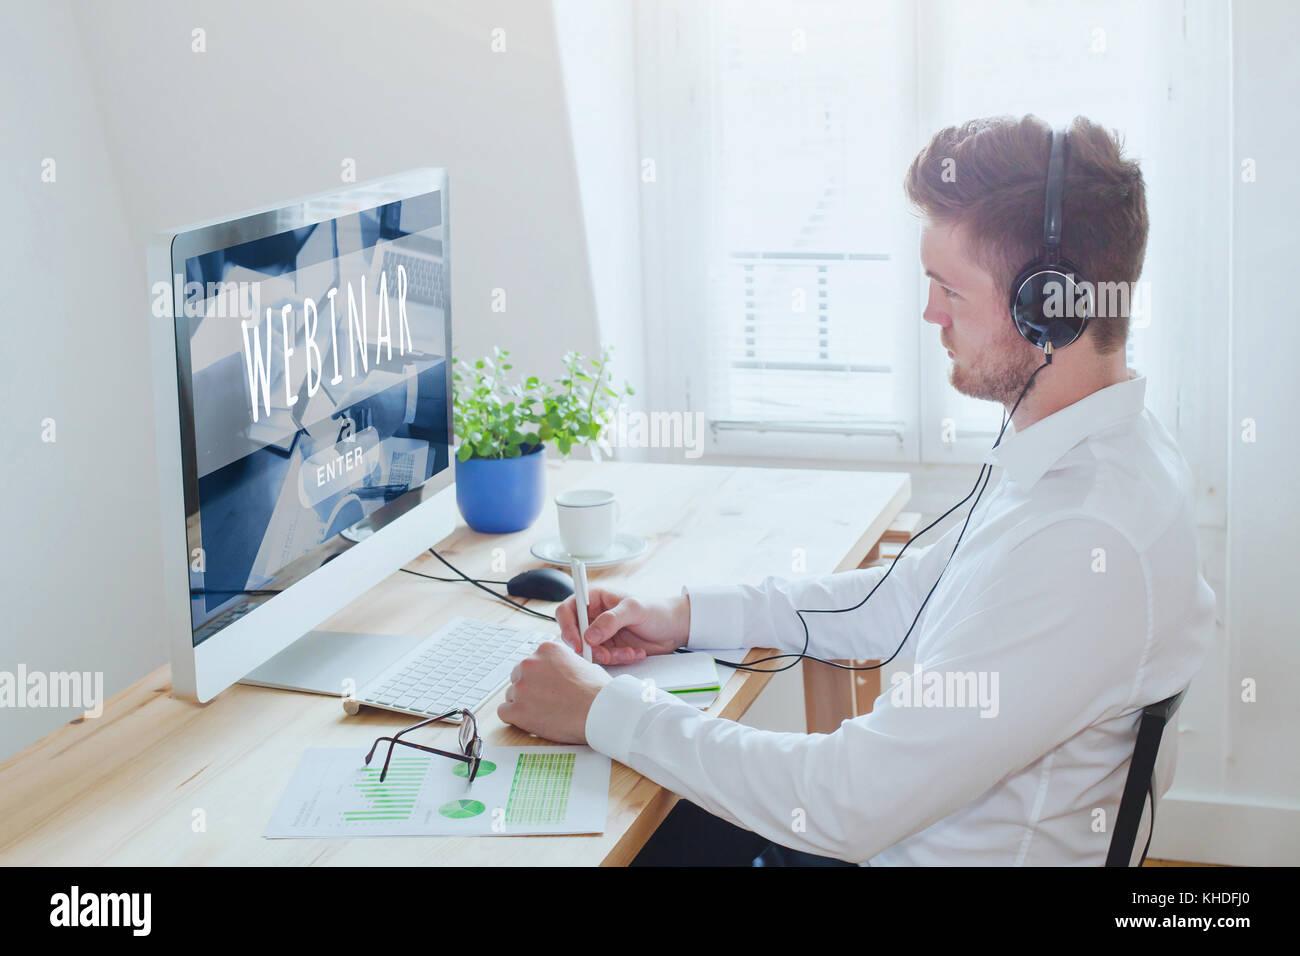 Homme d'affaires, l'éducation en ligne webinaire participant sur internet, e-learning concept Banque D'Images